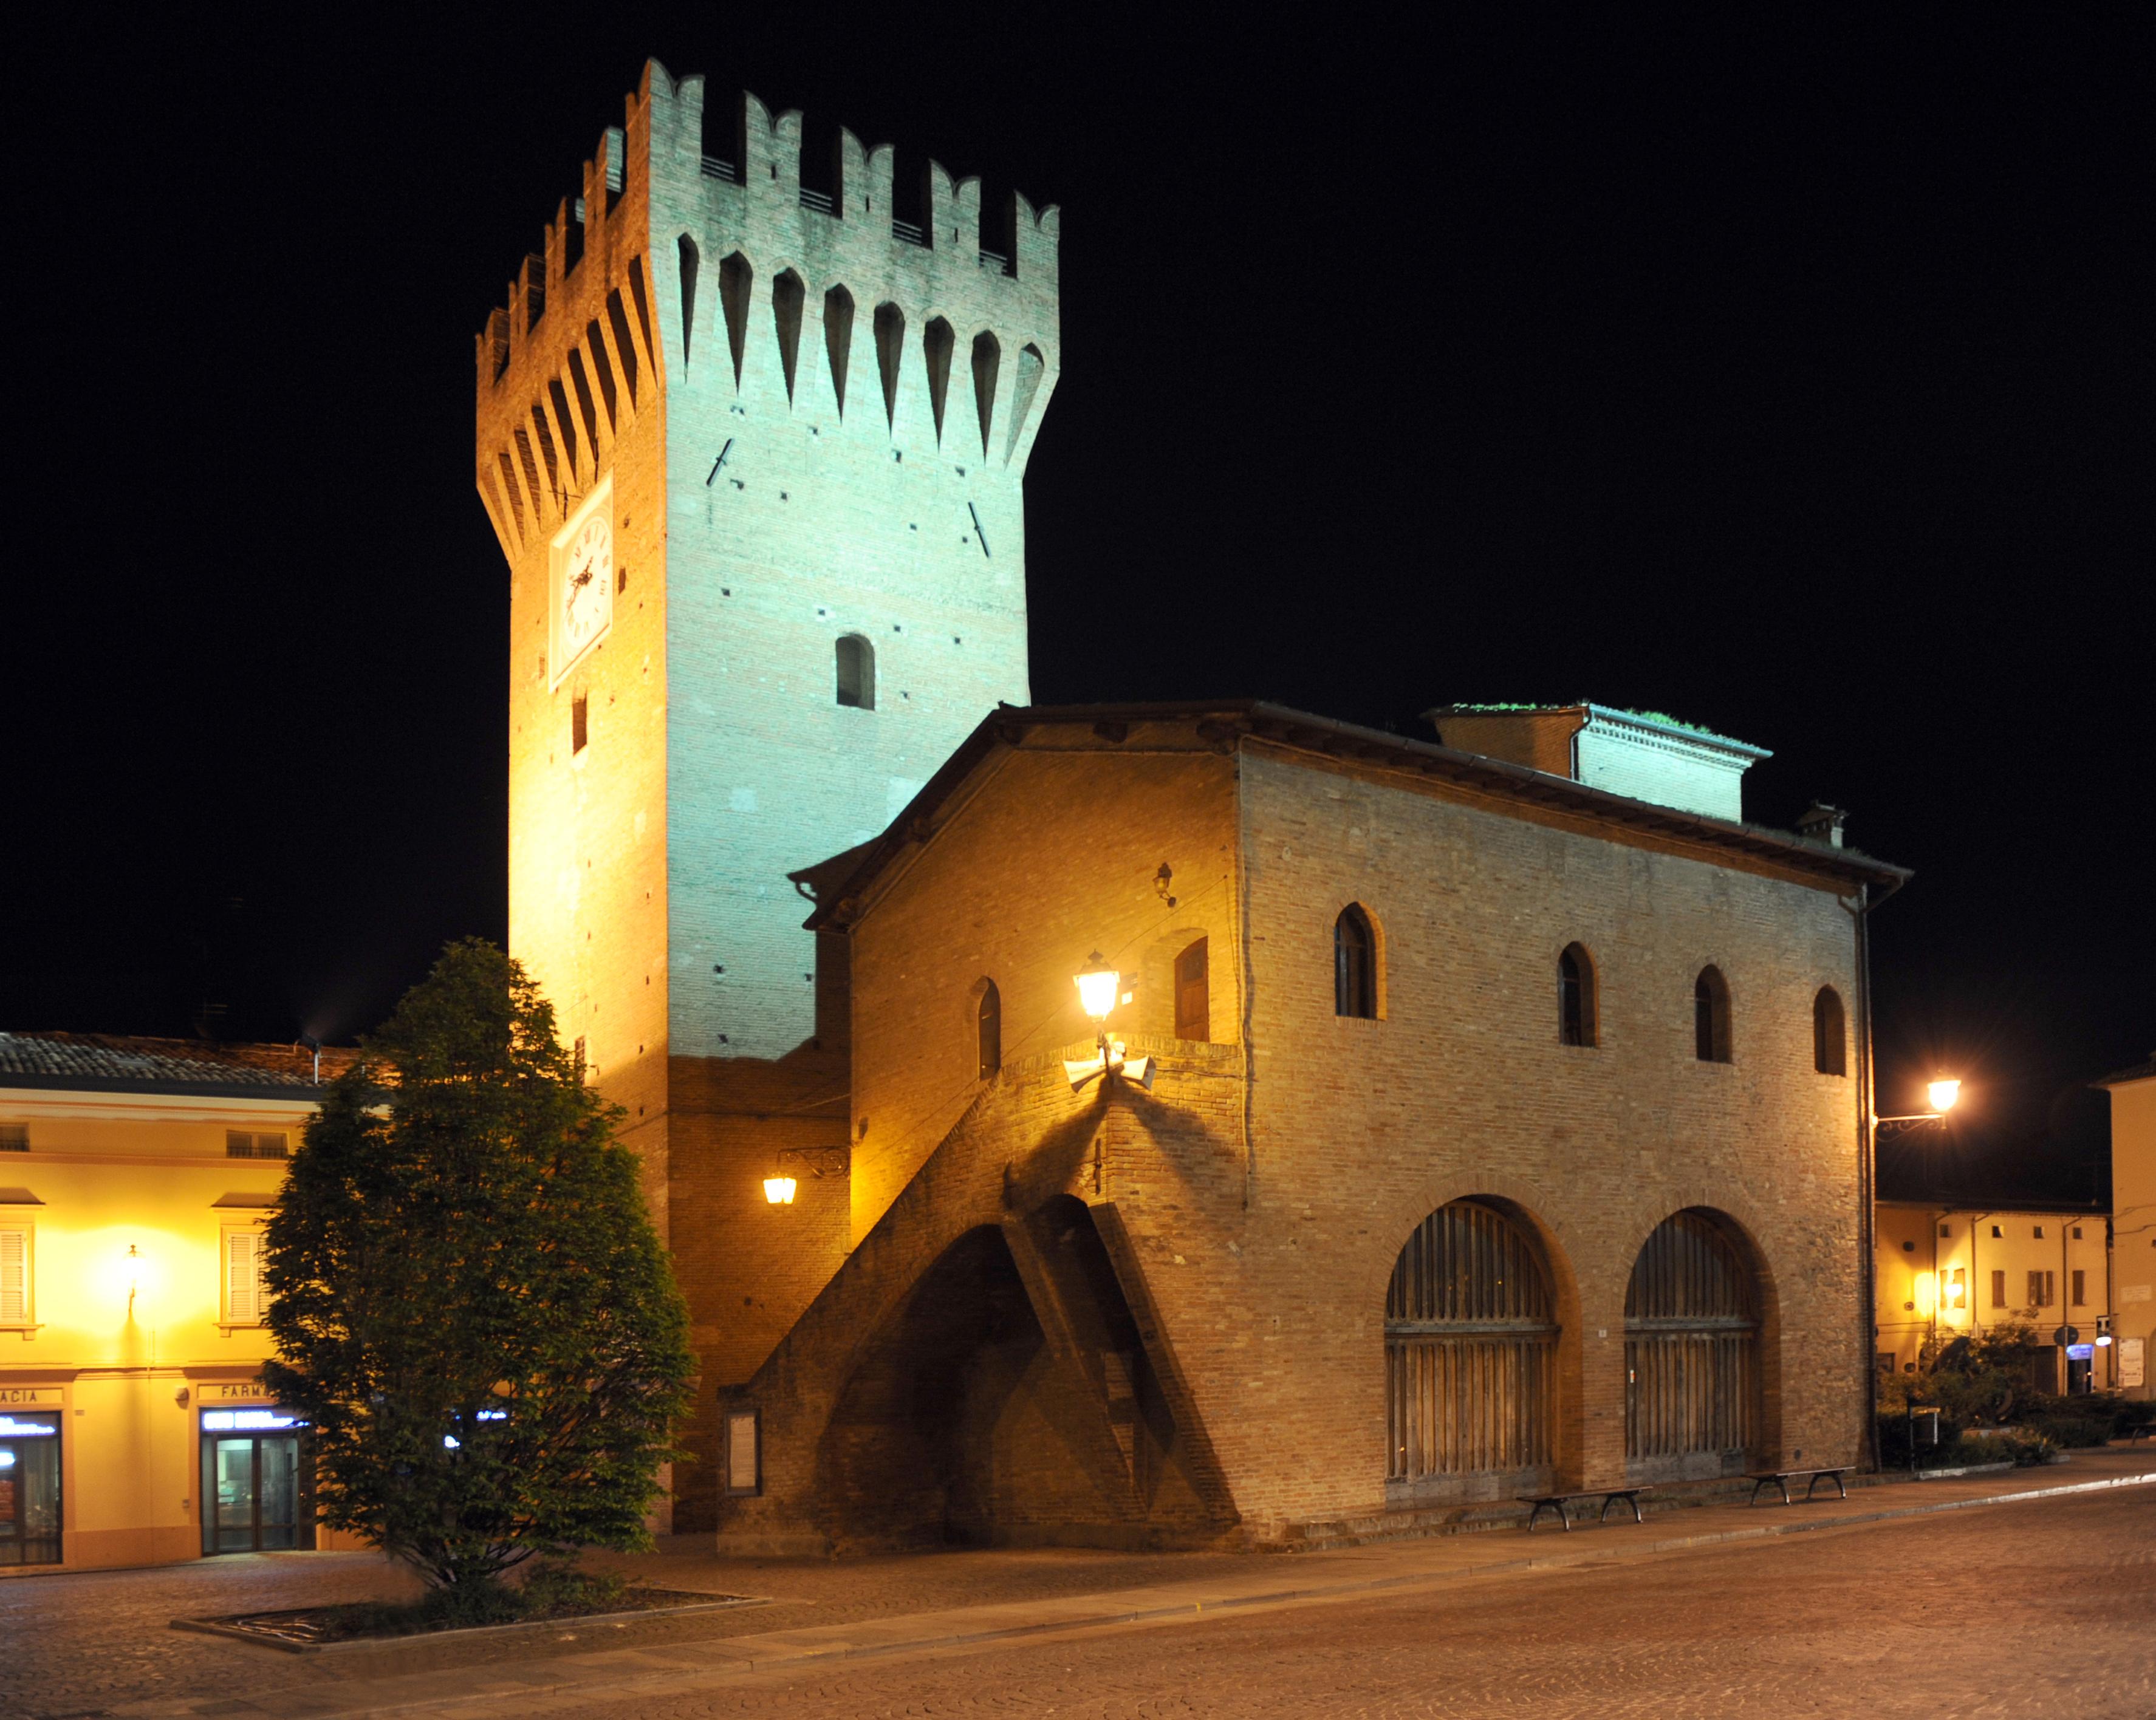 Torrione medioevale comune di spilamberto un paese da for Piani di casa castello medievale